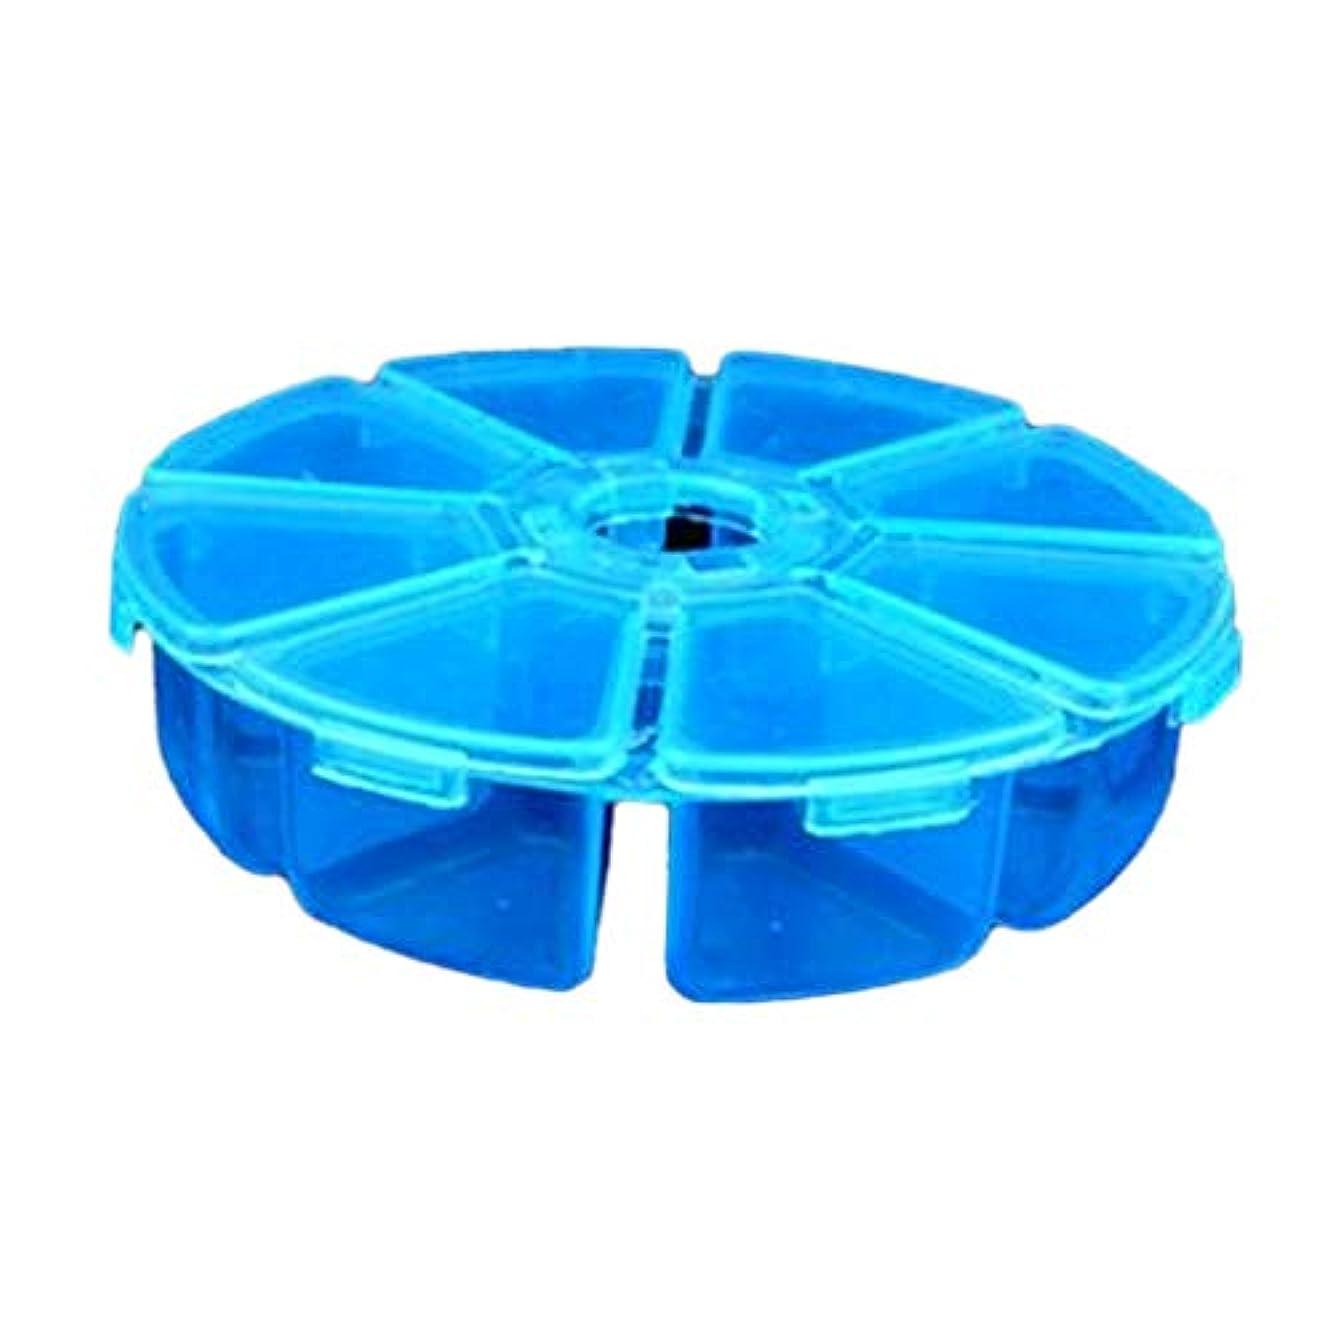 謝罪するセクション魅惑的なDYNWAVE ネイルアート オーガナイザー 収納 ボックス 8コンパートメント 仕切り プラスチック 全4色 - ブルー